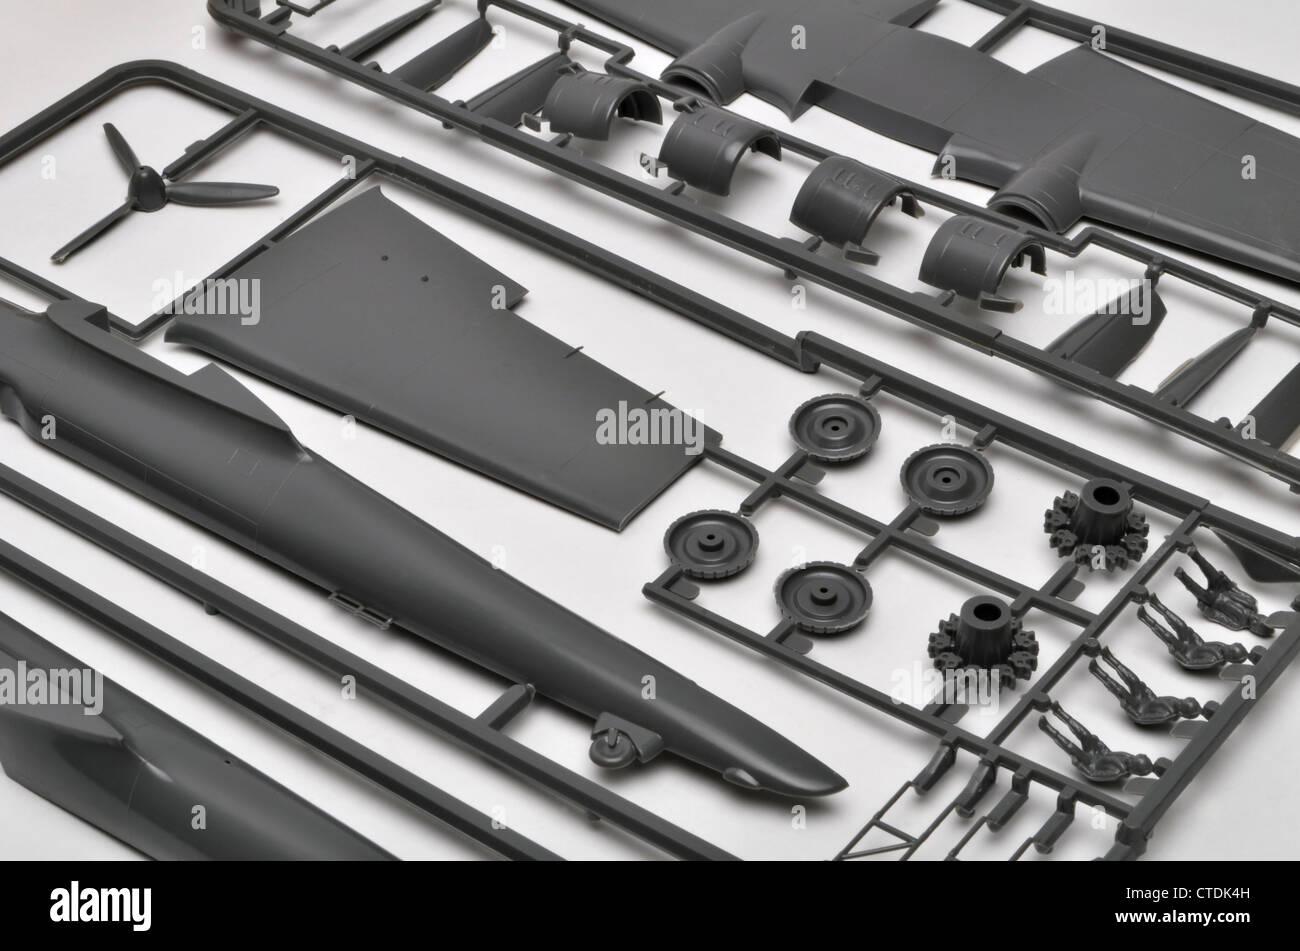 1/72 grenouille Dornier DO-17 modèle plastique polystyrène les pièces du kit de construction d'aéronefs Photo Stock